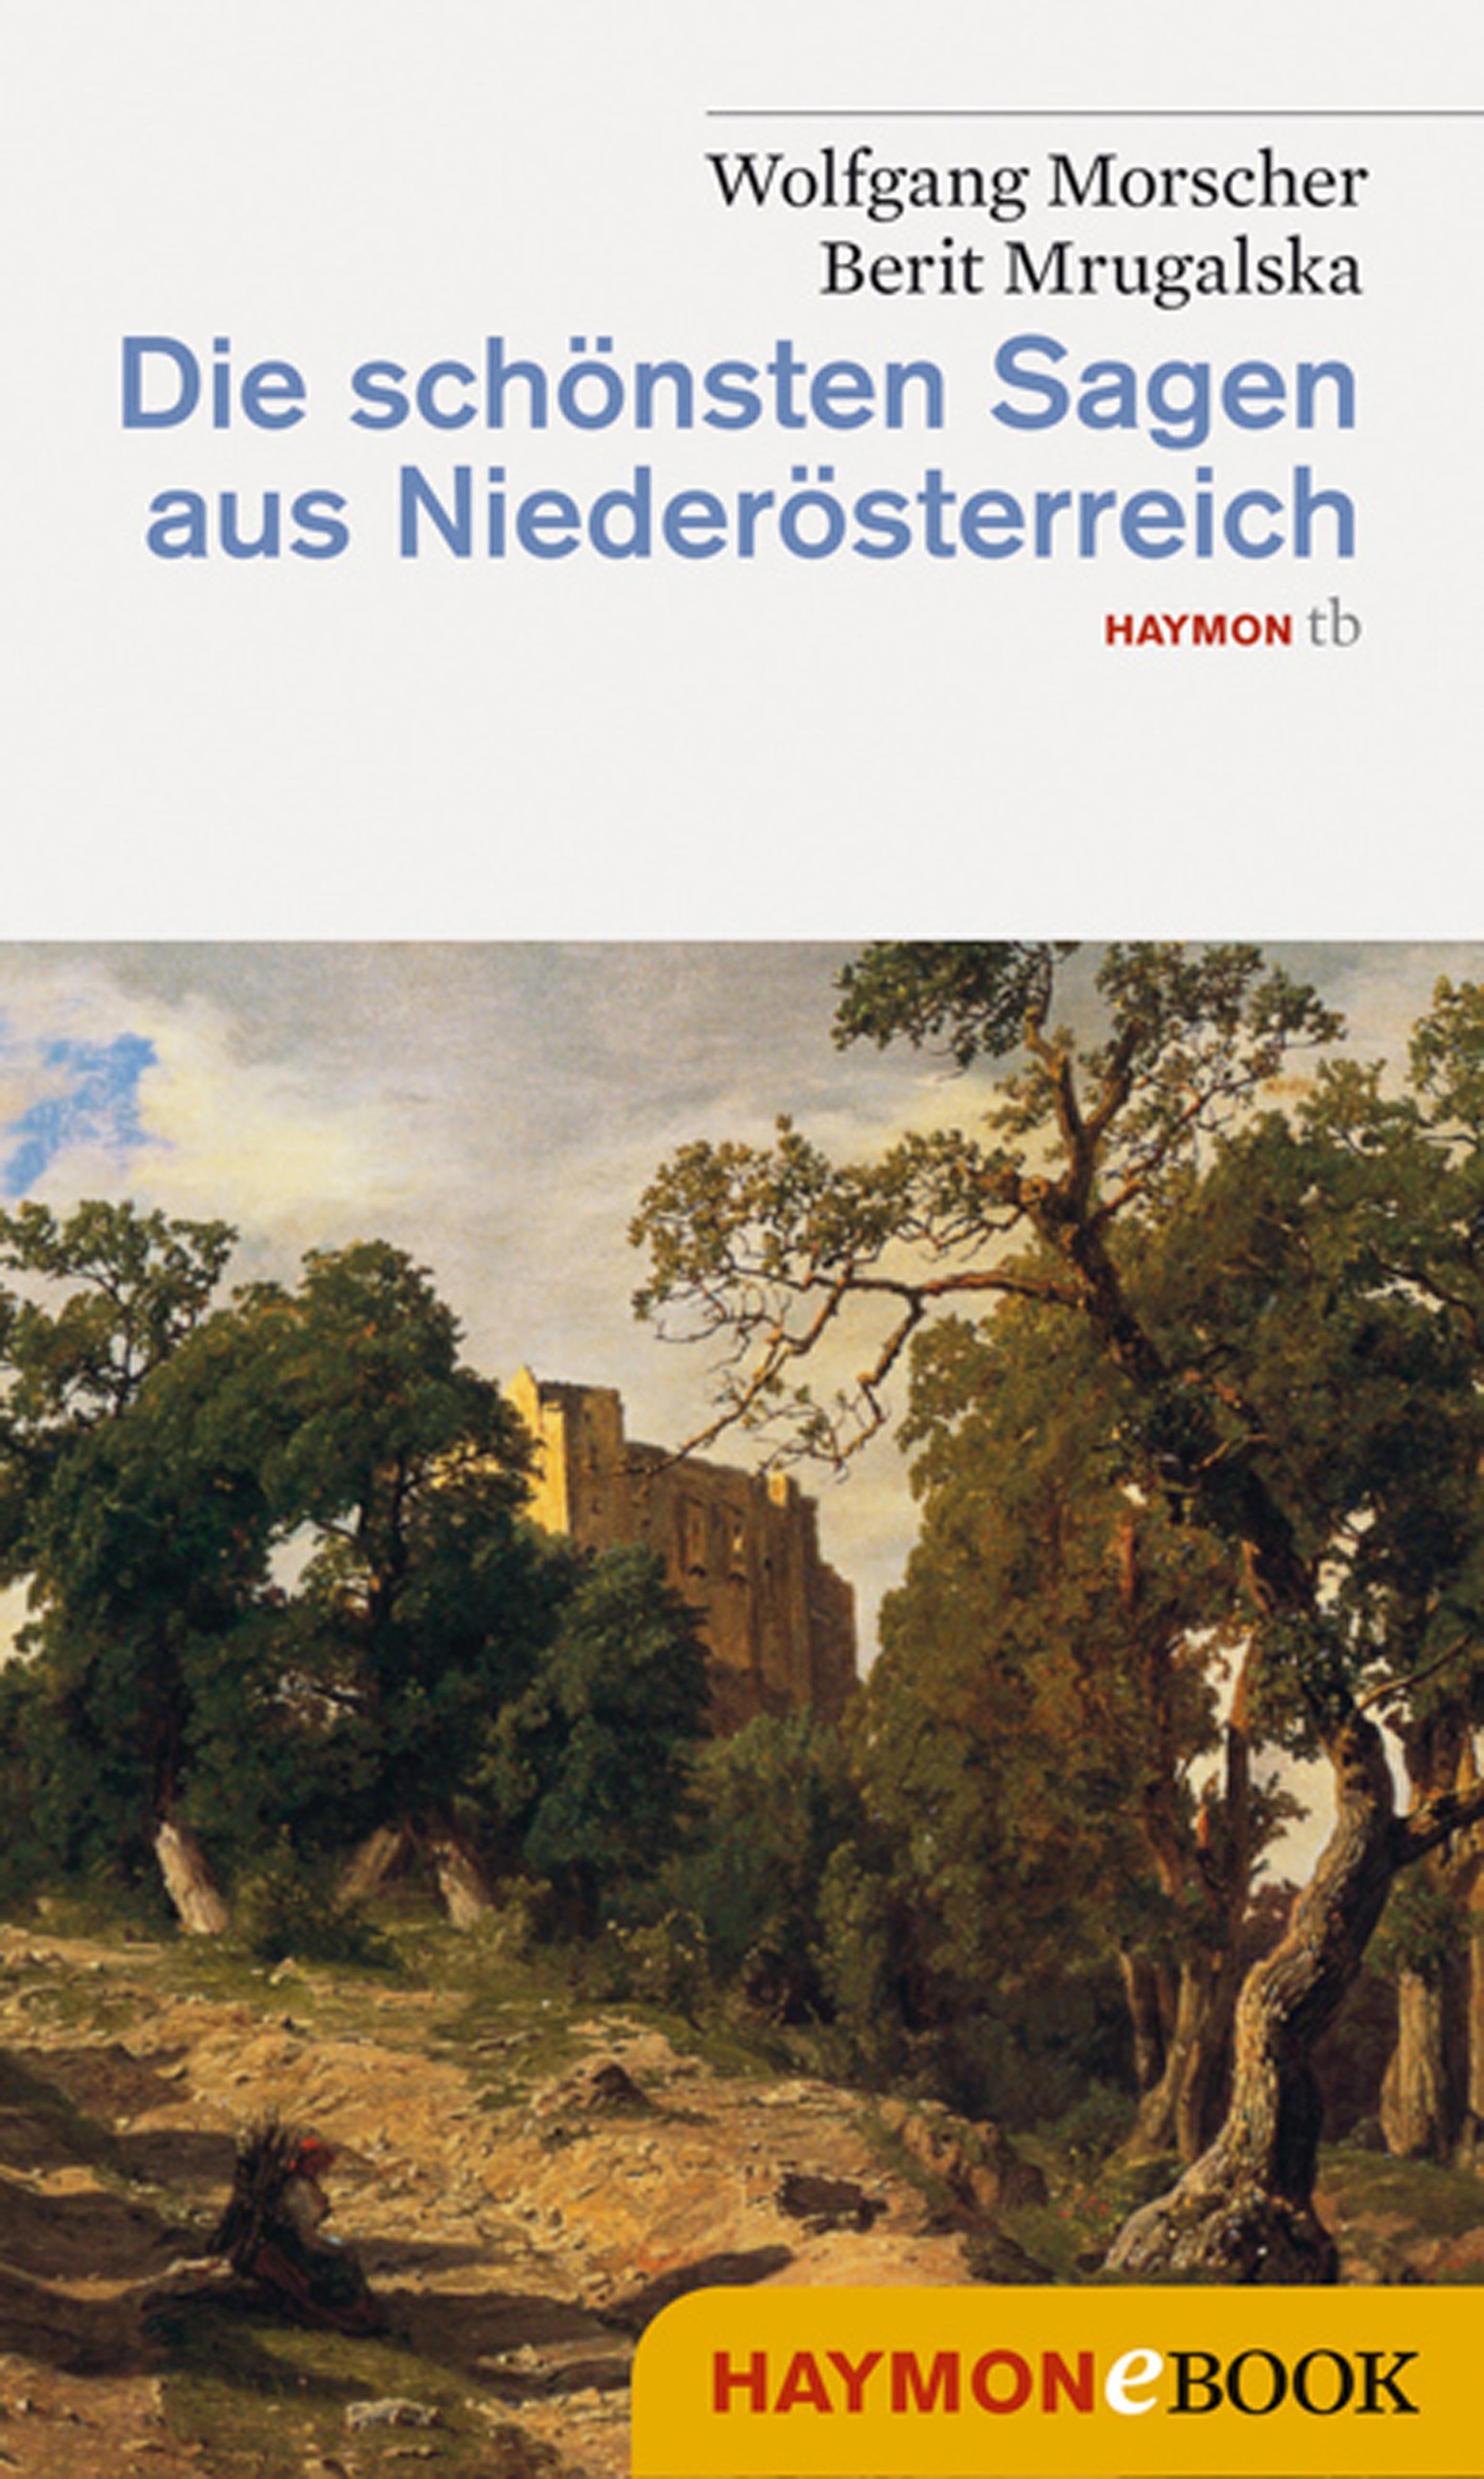 Wolfgang Morscher Die schönsten Sagen aus Niederösterreich ignaz vincenz zingerle sagen aus tirol german edition